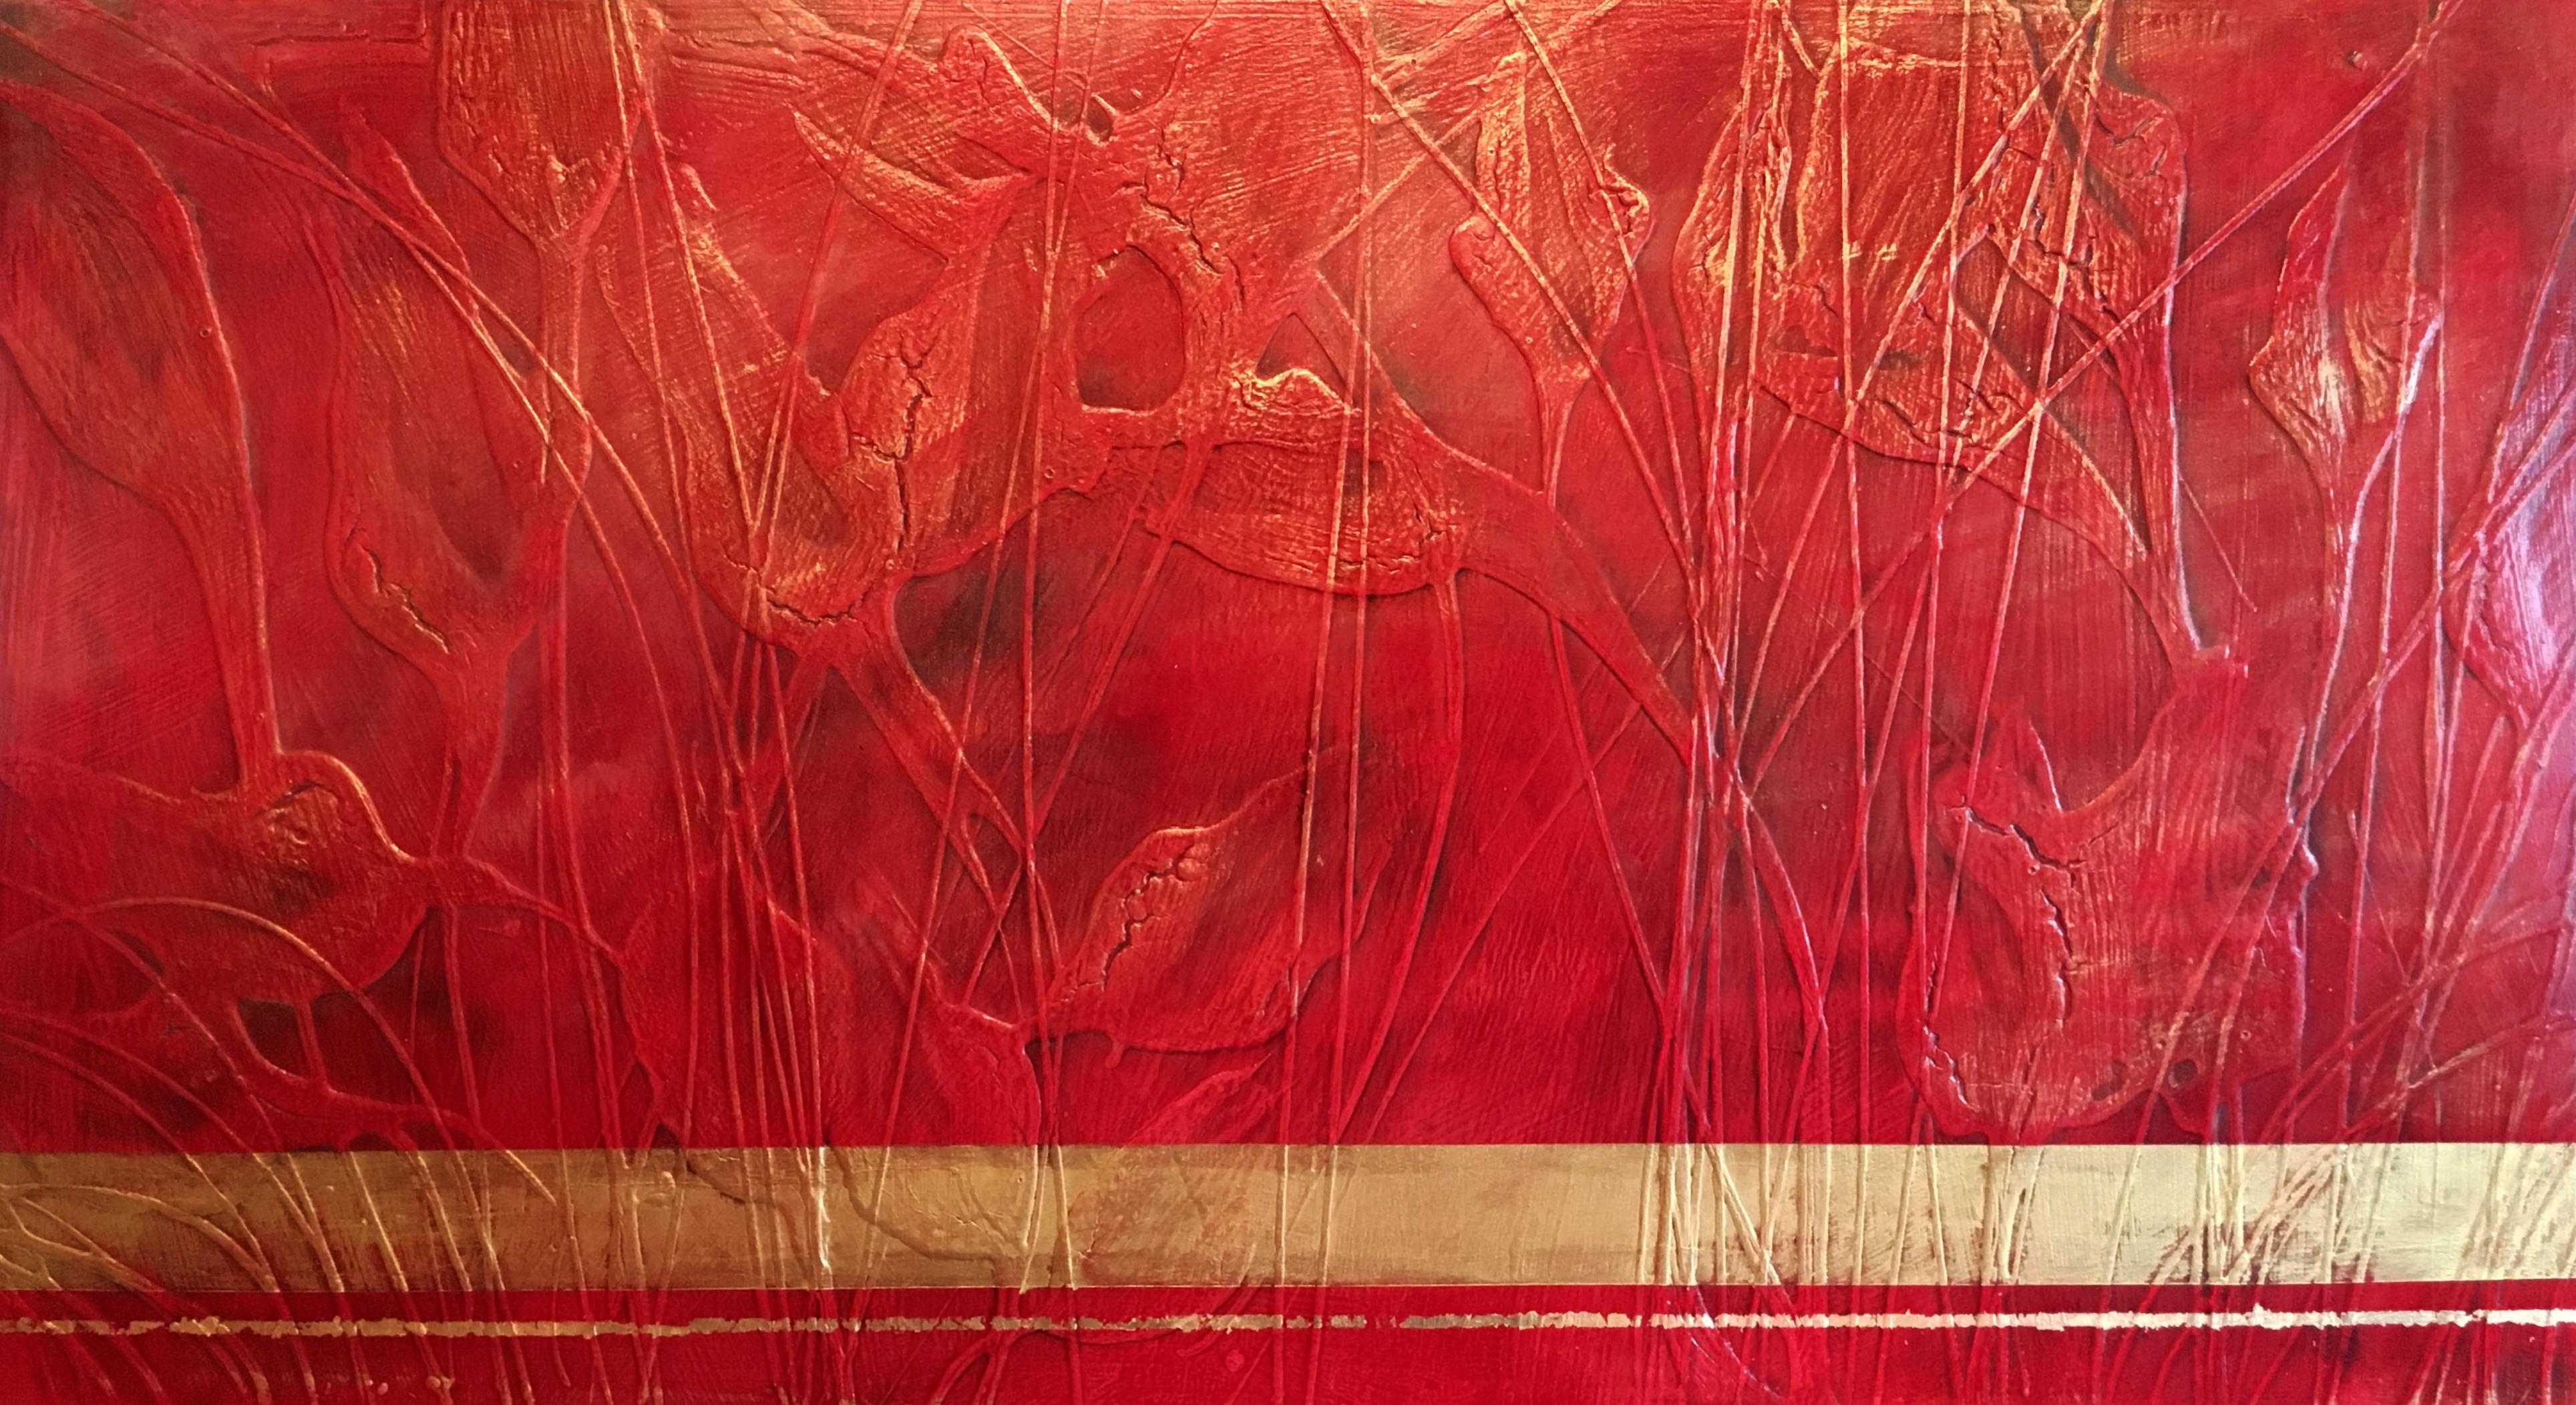 Fire Grass I